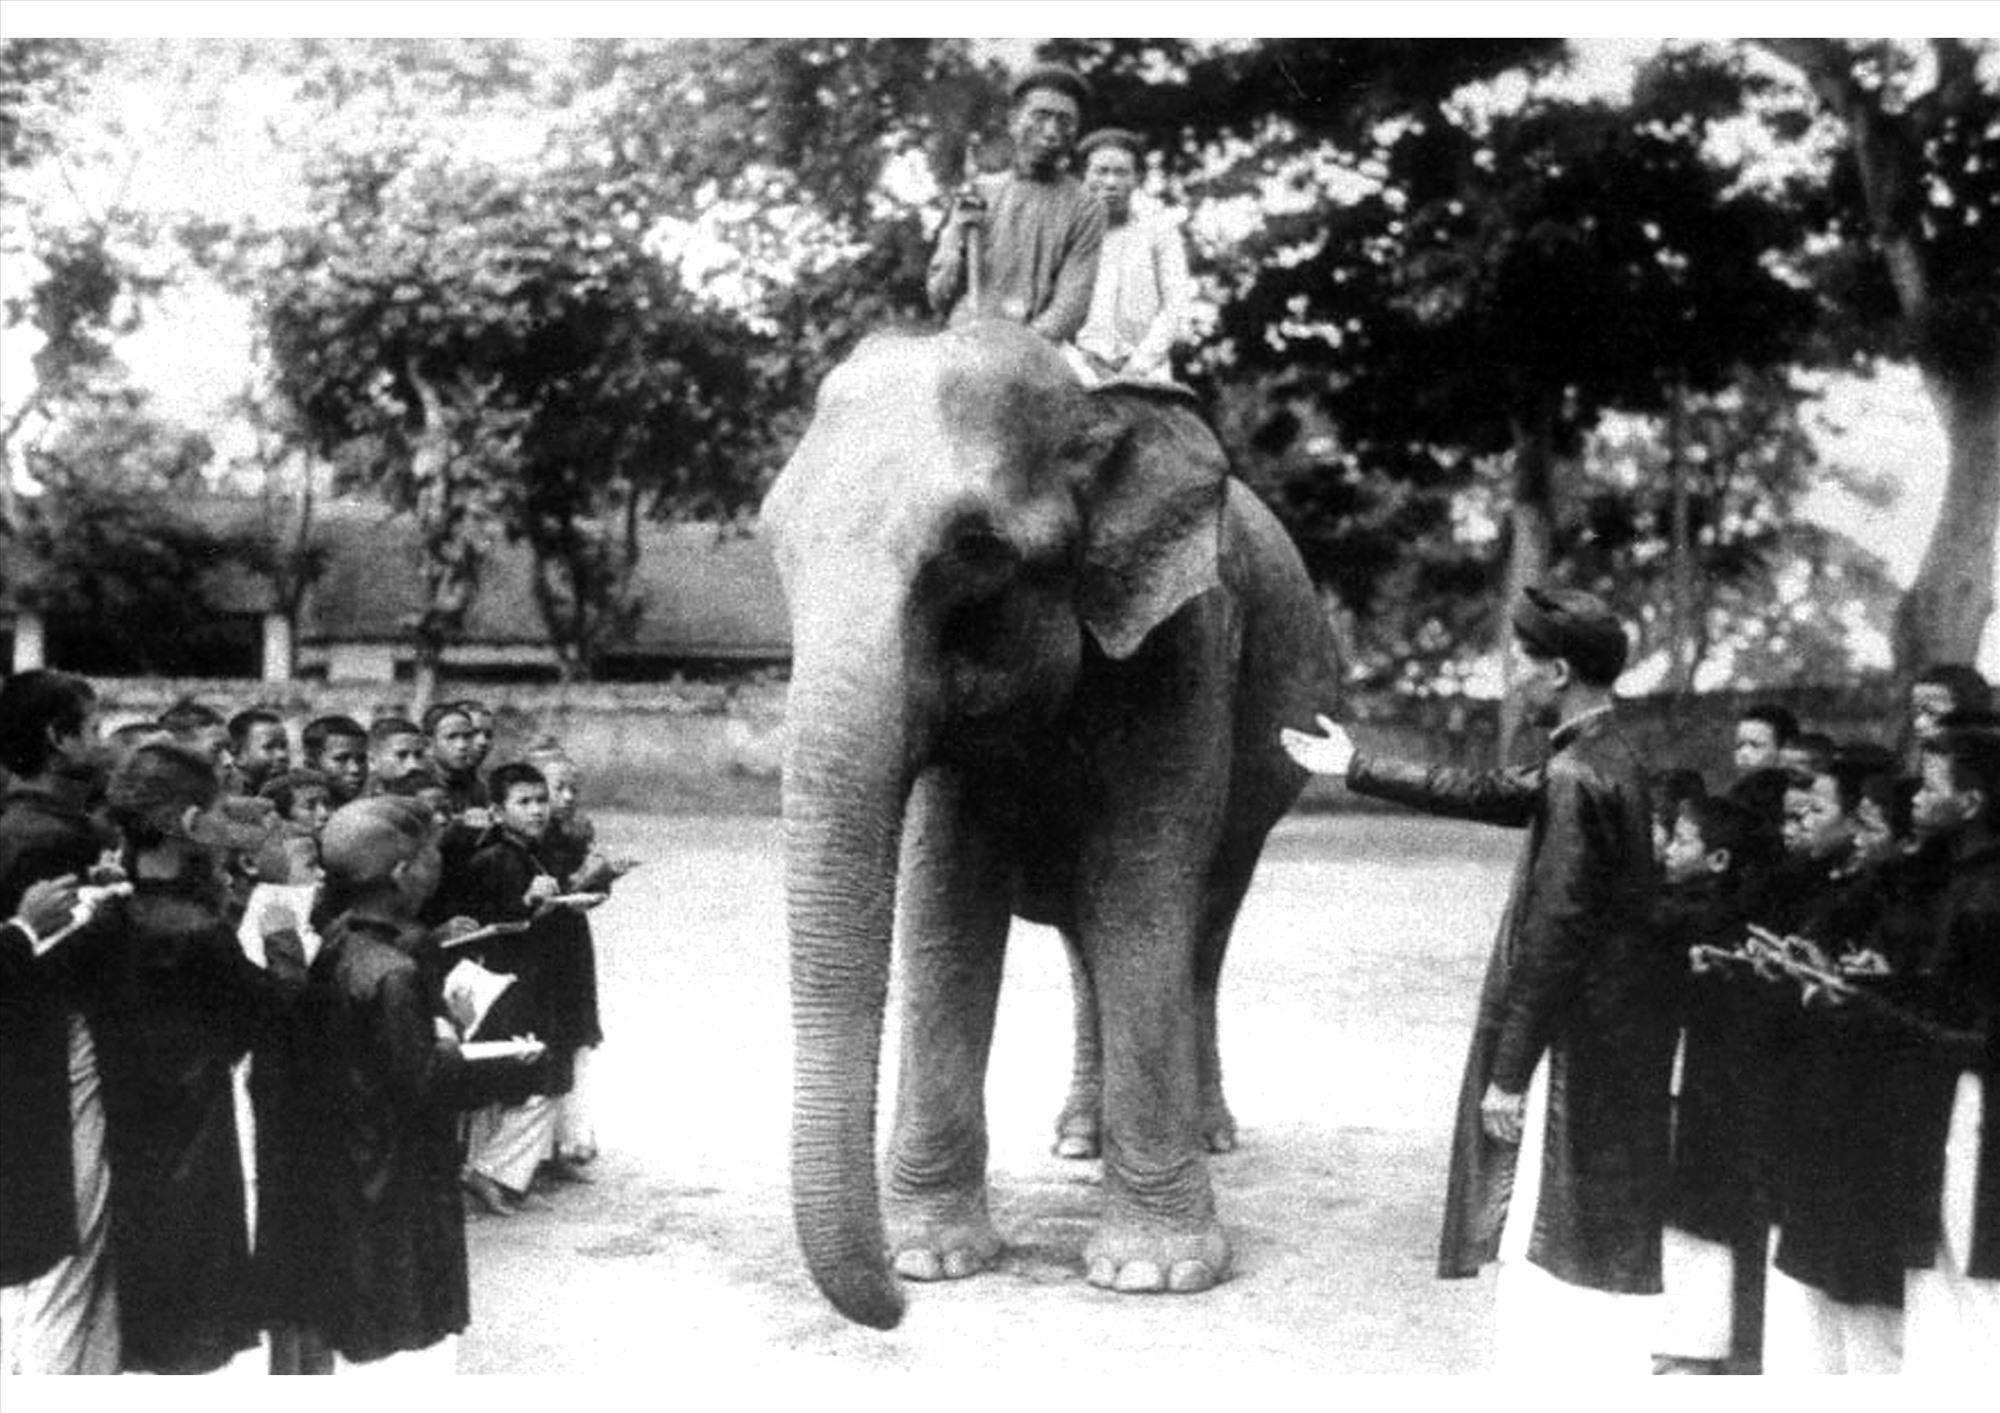 Thầy đồ và học trò xứ Quảng mặc áo dài trong buổi học ngoài thực địa tìm hiểu vể loài voi.